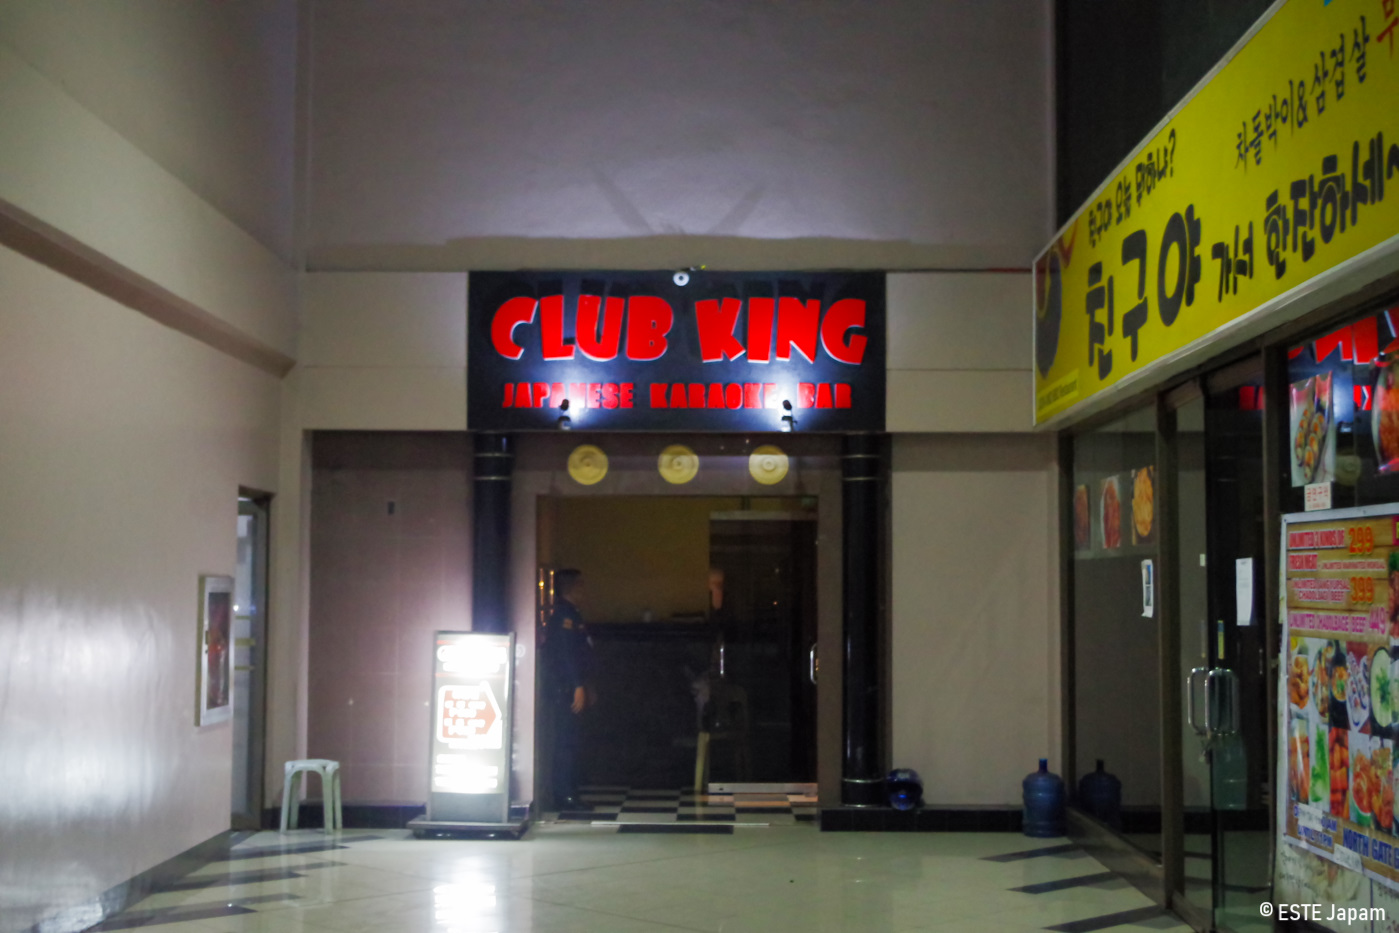 日本式KTVのキングの外観